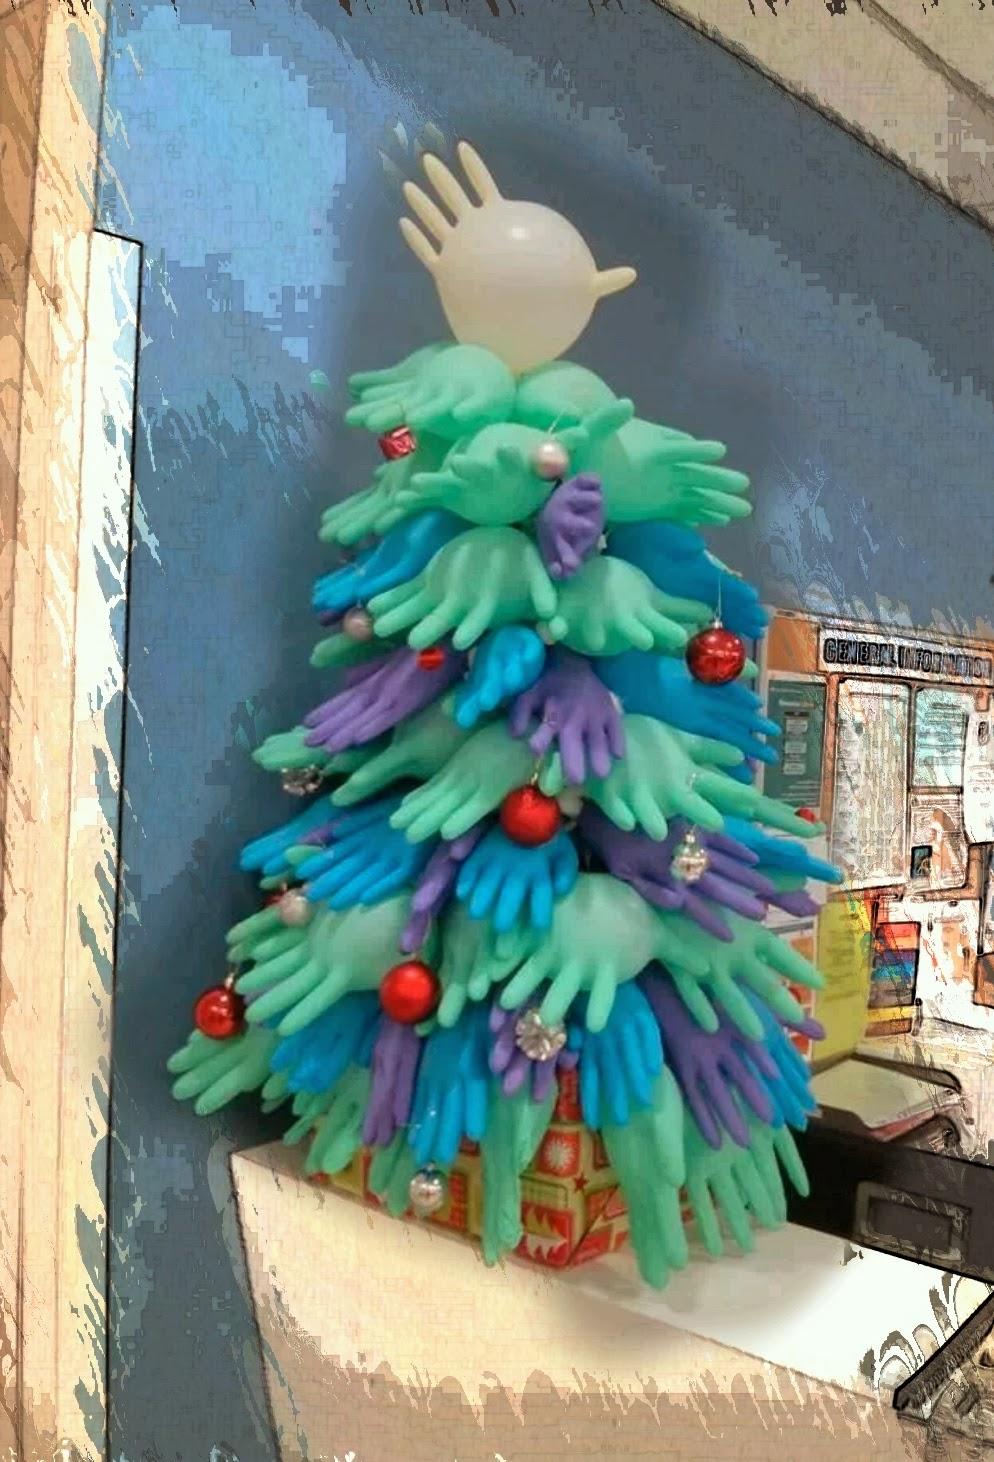 Albero Di Natale Zecchino Doro.Bambino Di Mamma Albero Di Natale Con Guanti Da Chirurgo